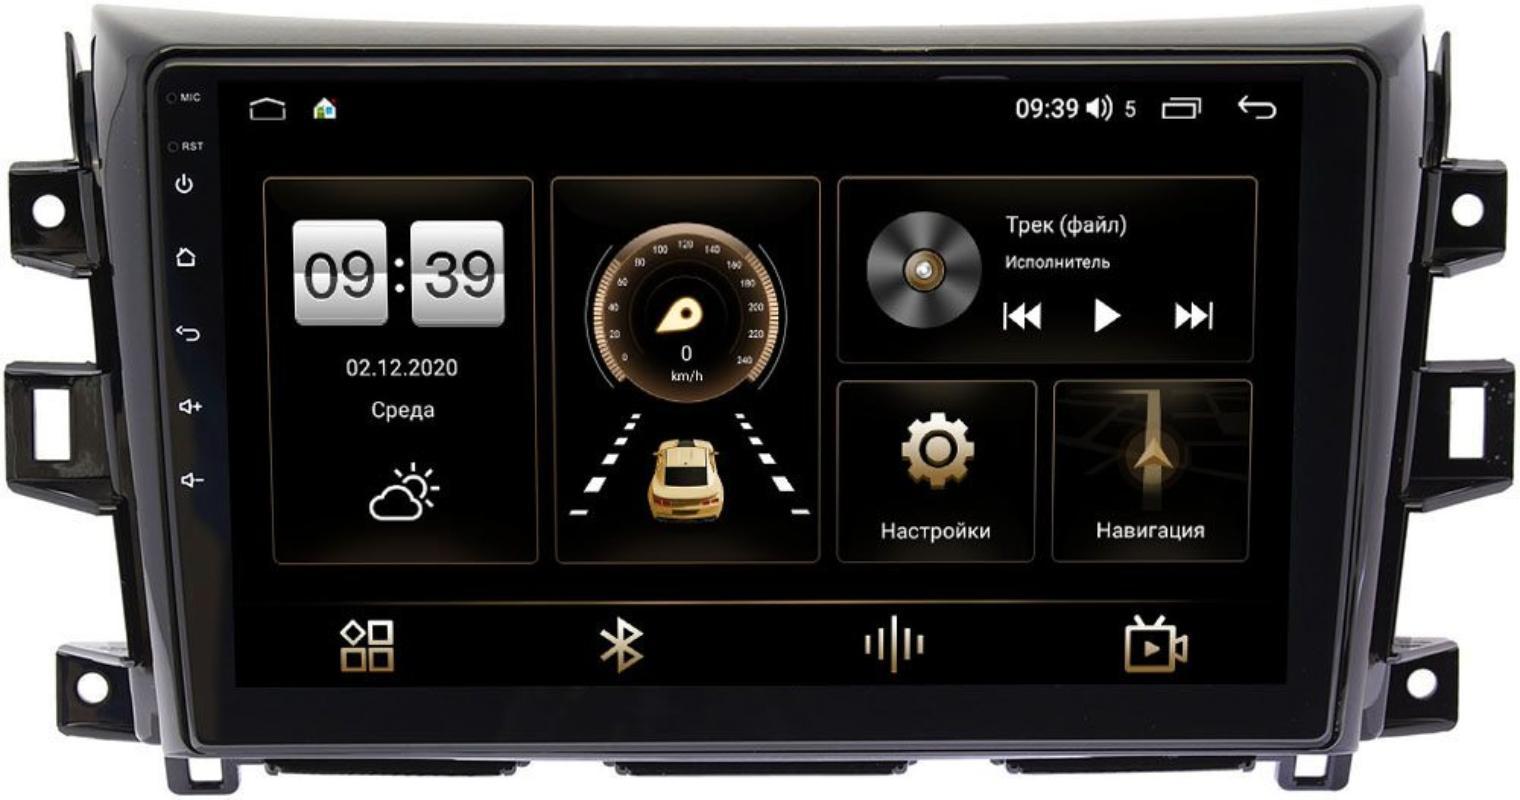 Штатная магнитола LeTrun 3799-1116 для Nissan Navara (Frontier) IV (D23) 2014-2021 на Android 10 (4/64, DSP, QLed) (+ Камера заднего вида в подарок!)